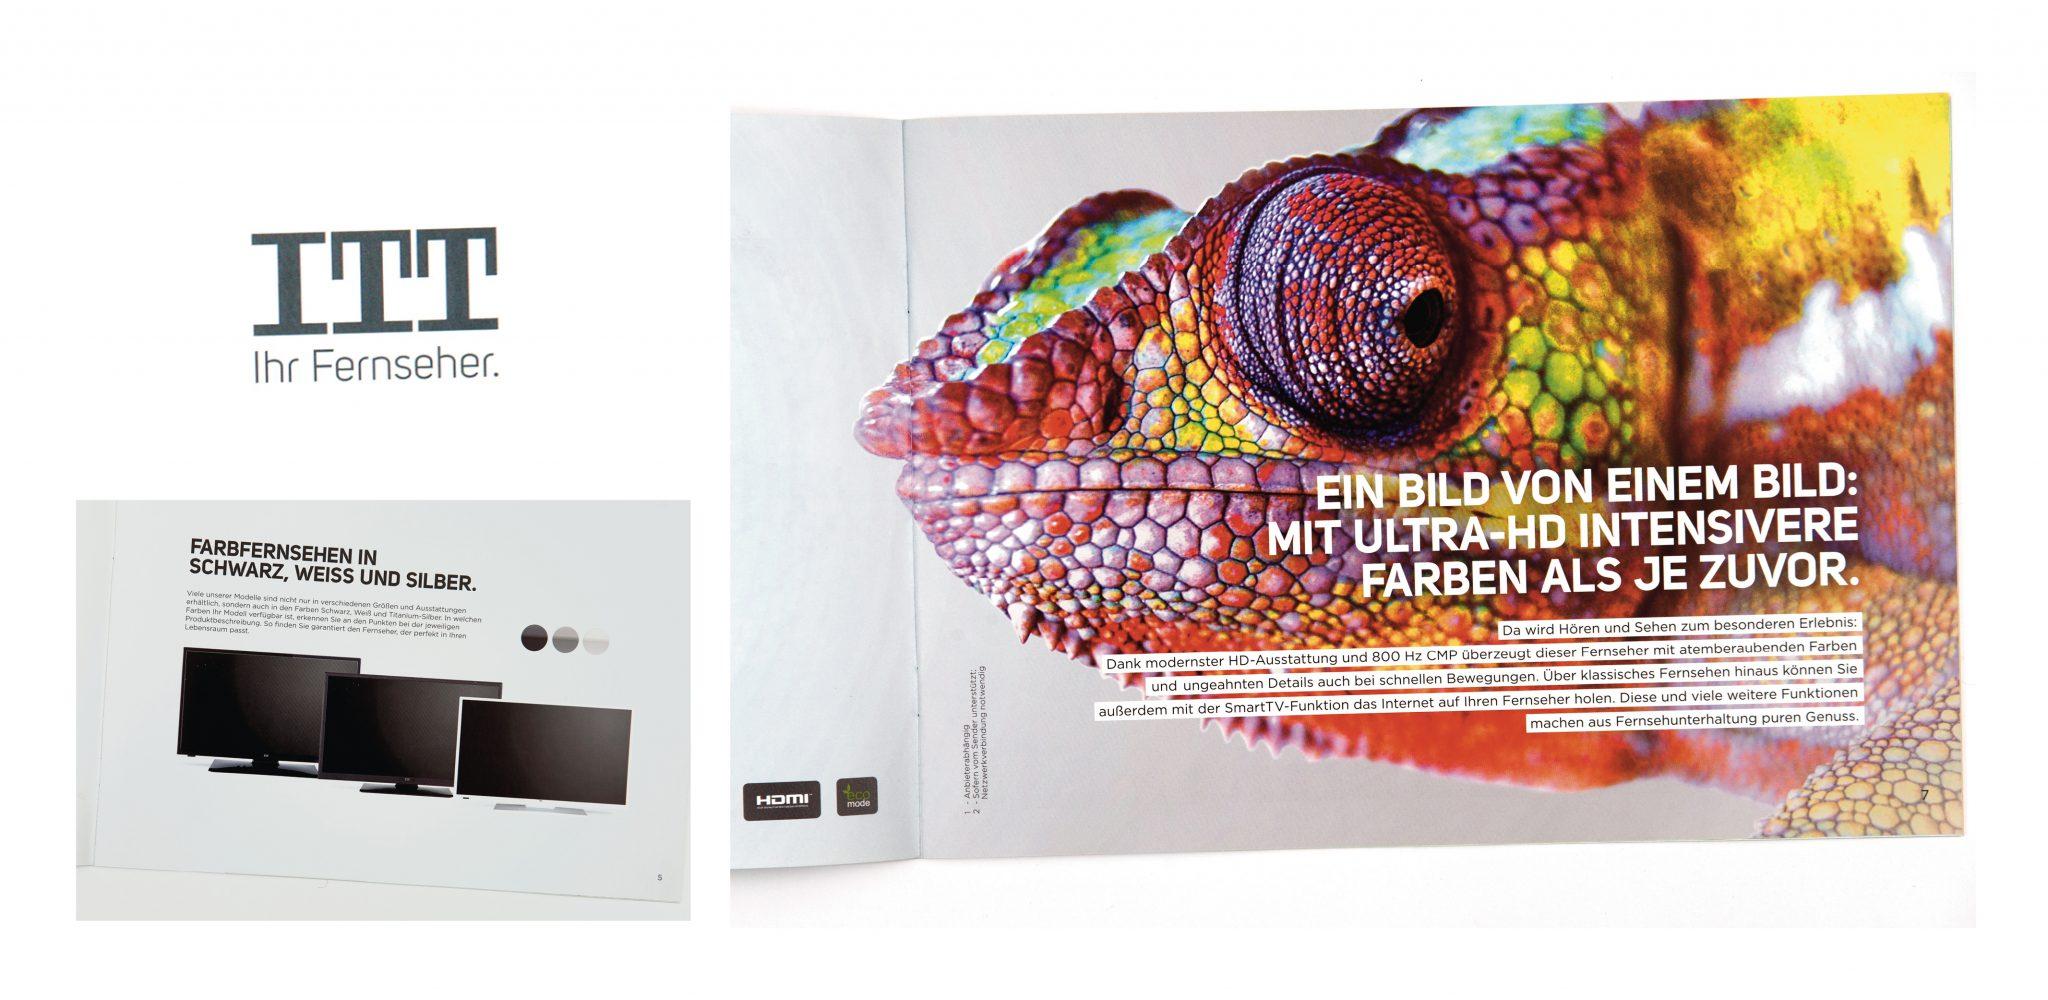 Konzept und Text für einen Produktkatalog für Fernseher